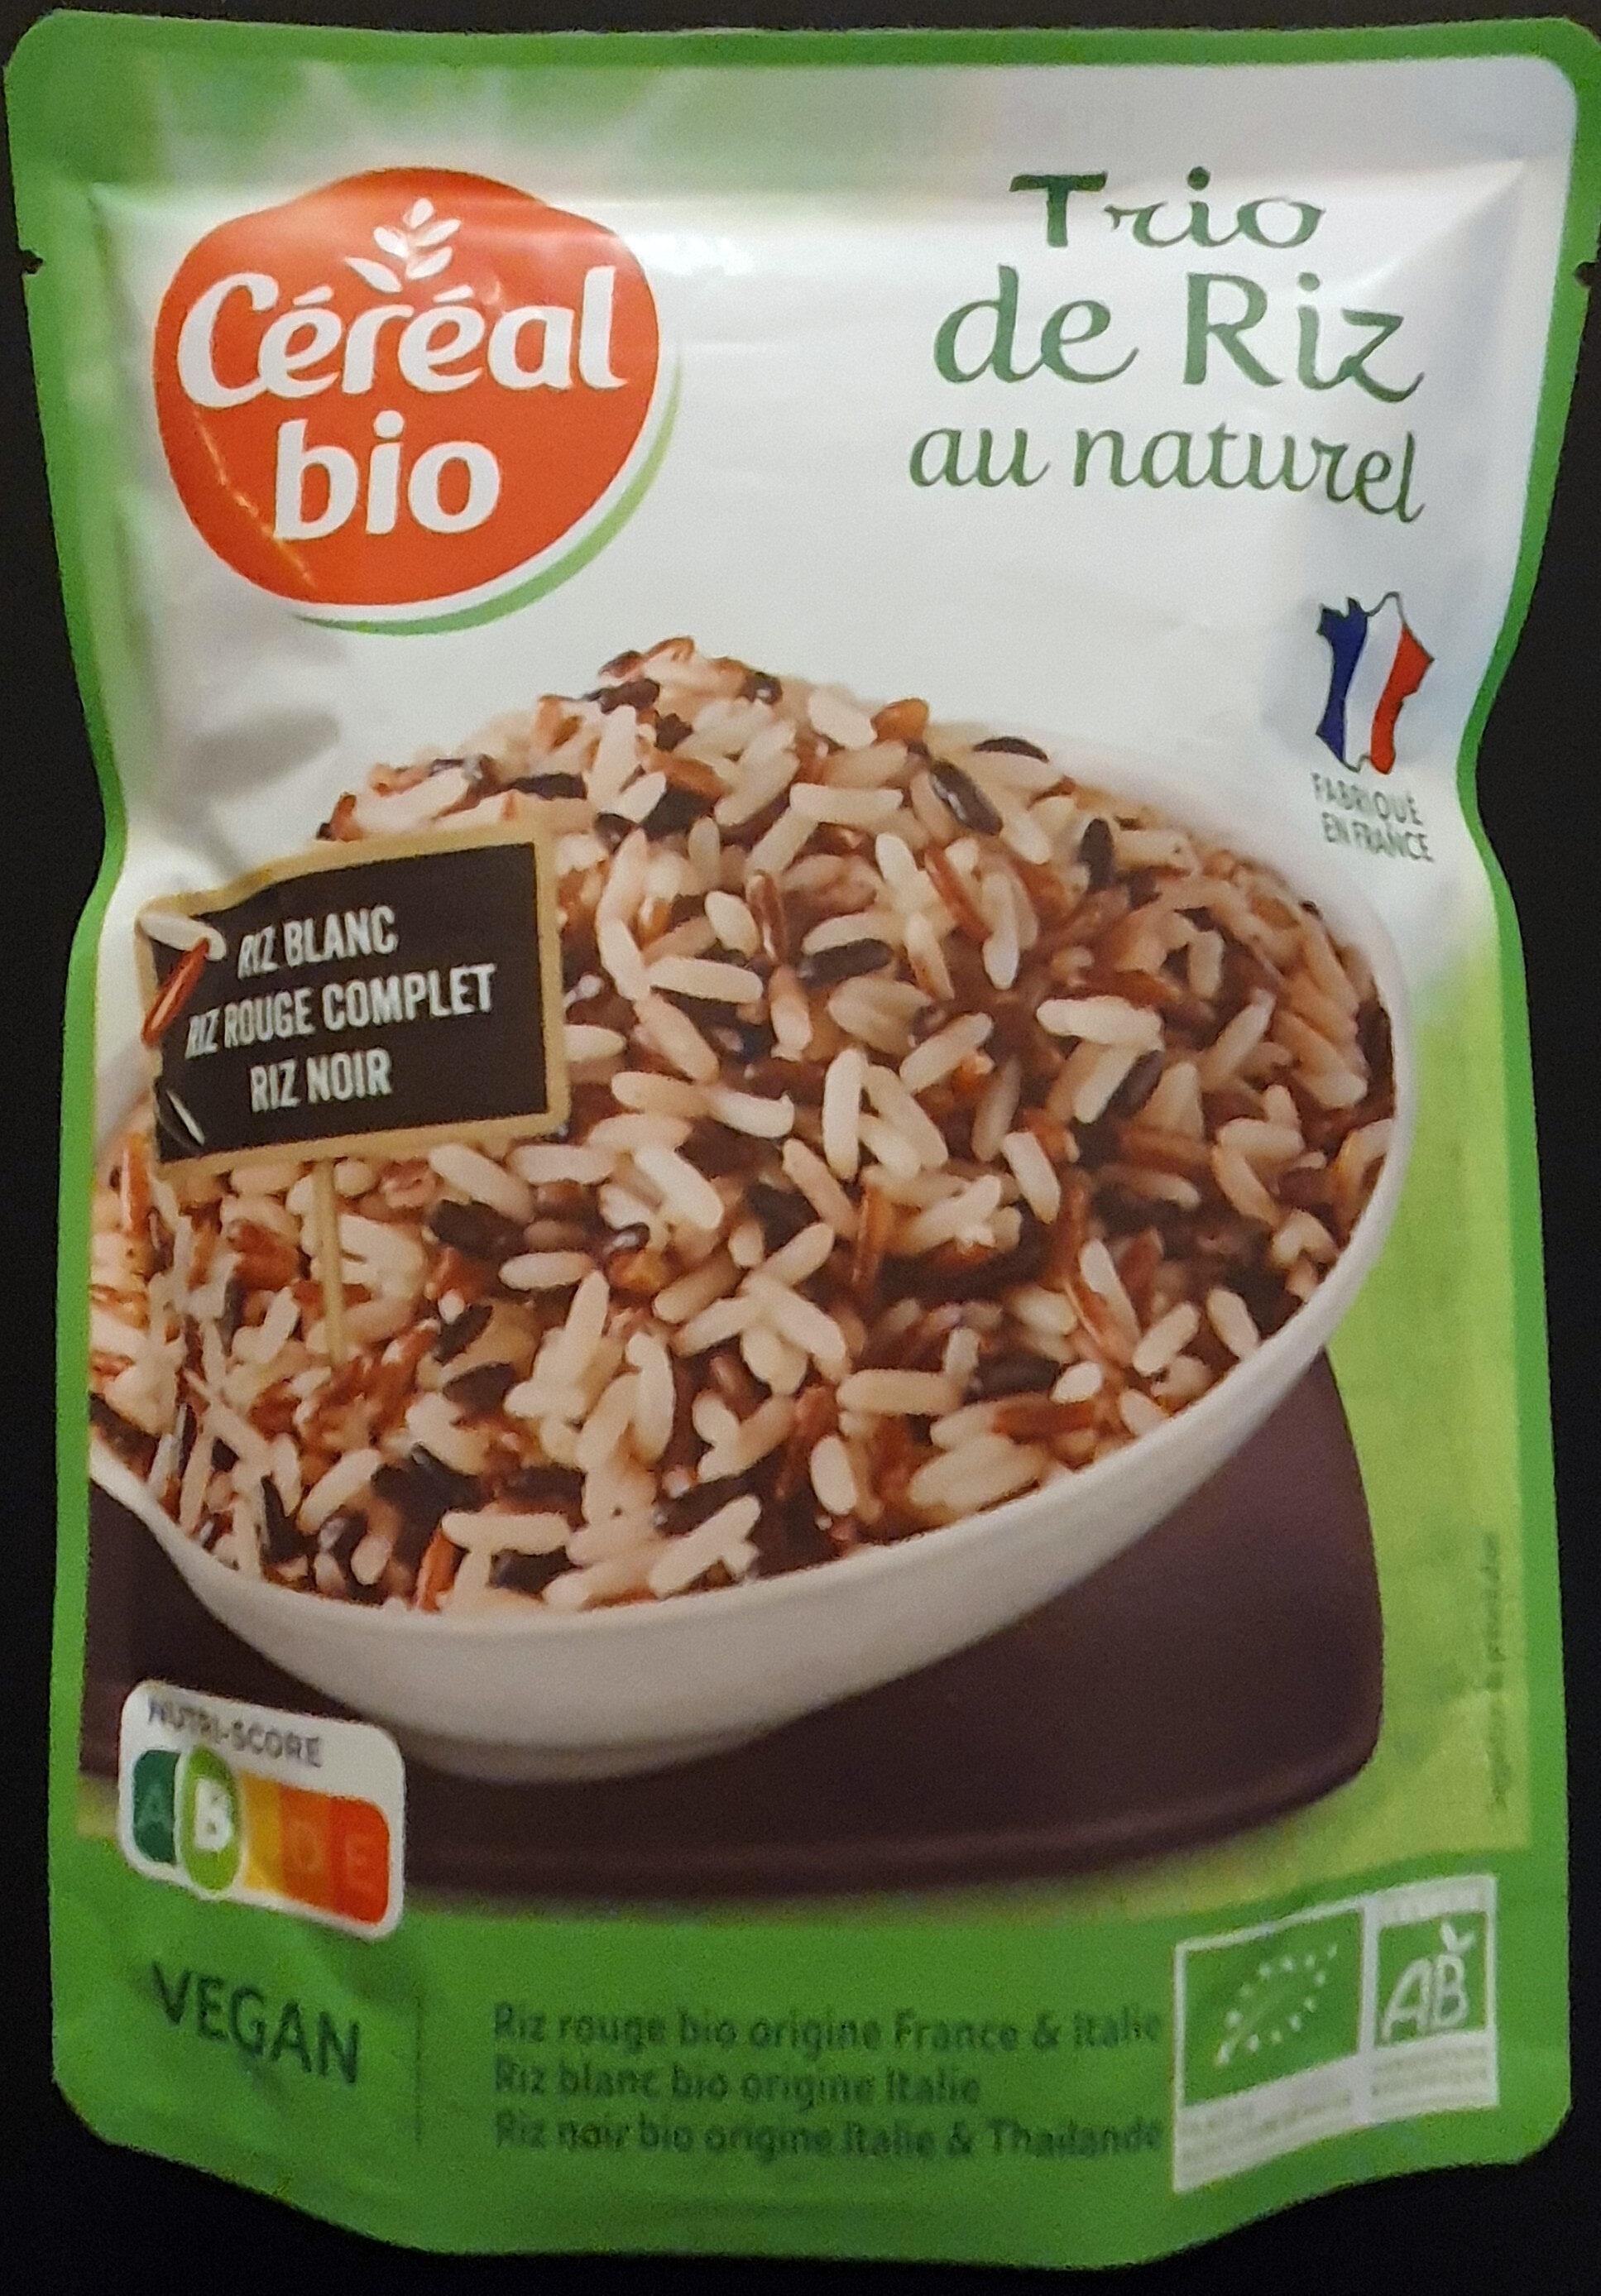 Trio de riz au naturel - Prodotto - fr